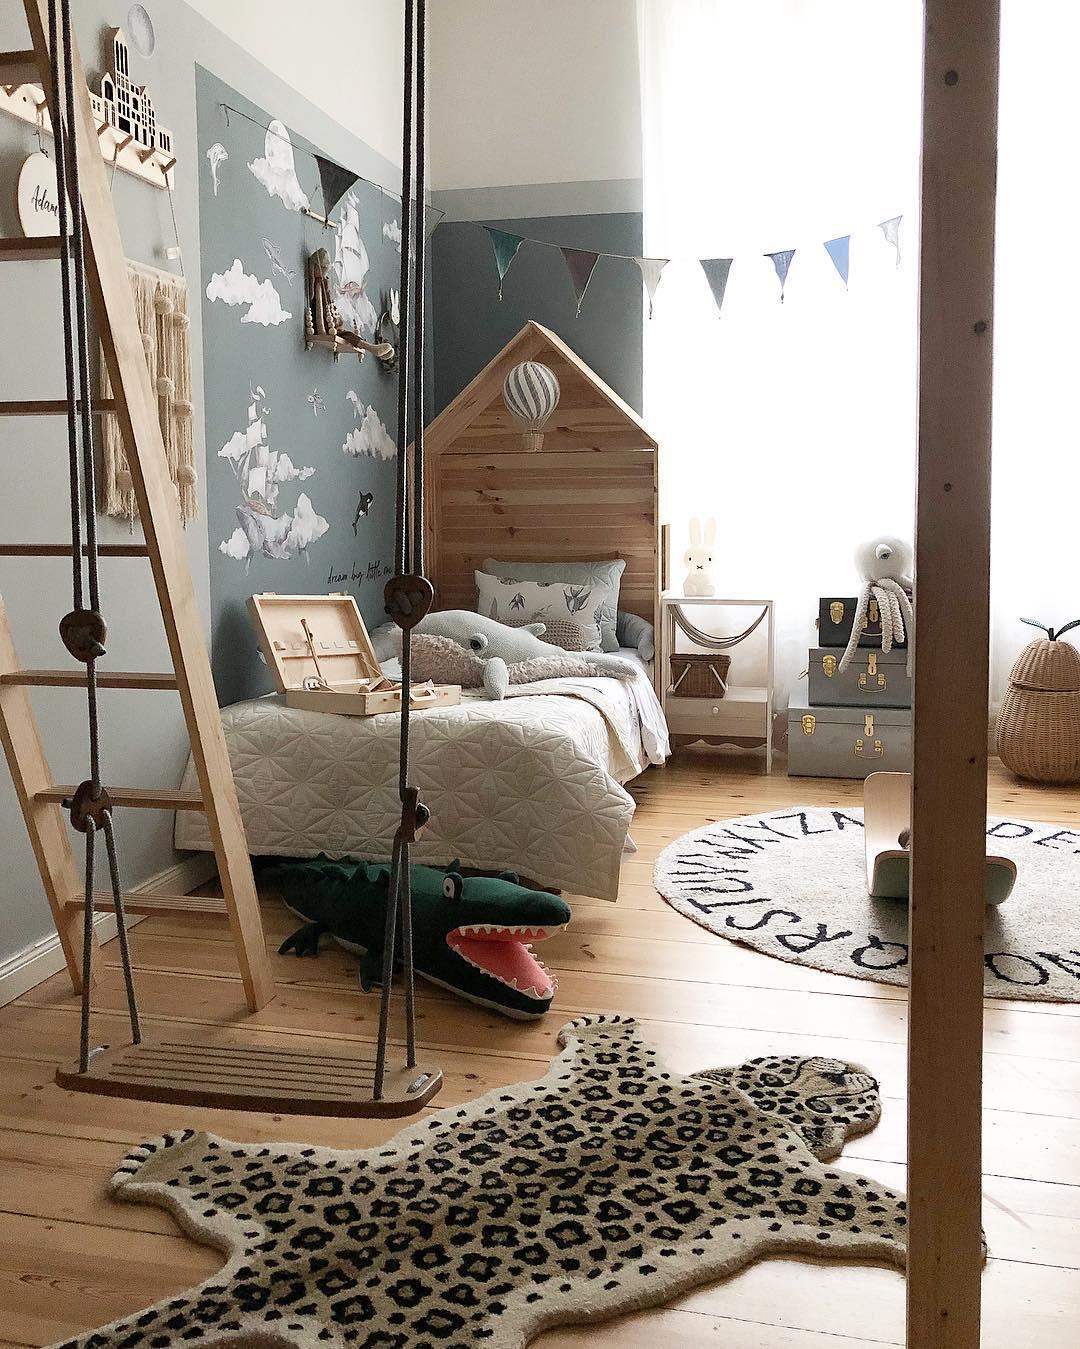 couleur pastel chambre bleu aventurier tapis guépard balançoire intérieure échelle bois - blog déco scandinave bucolique - clem around the corner